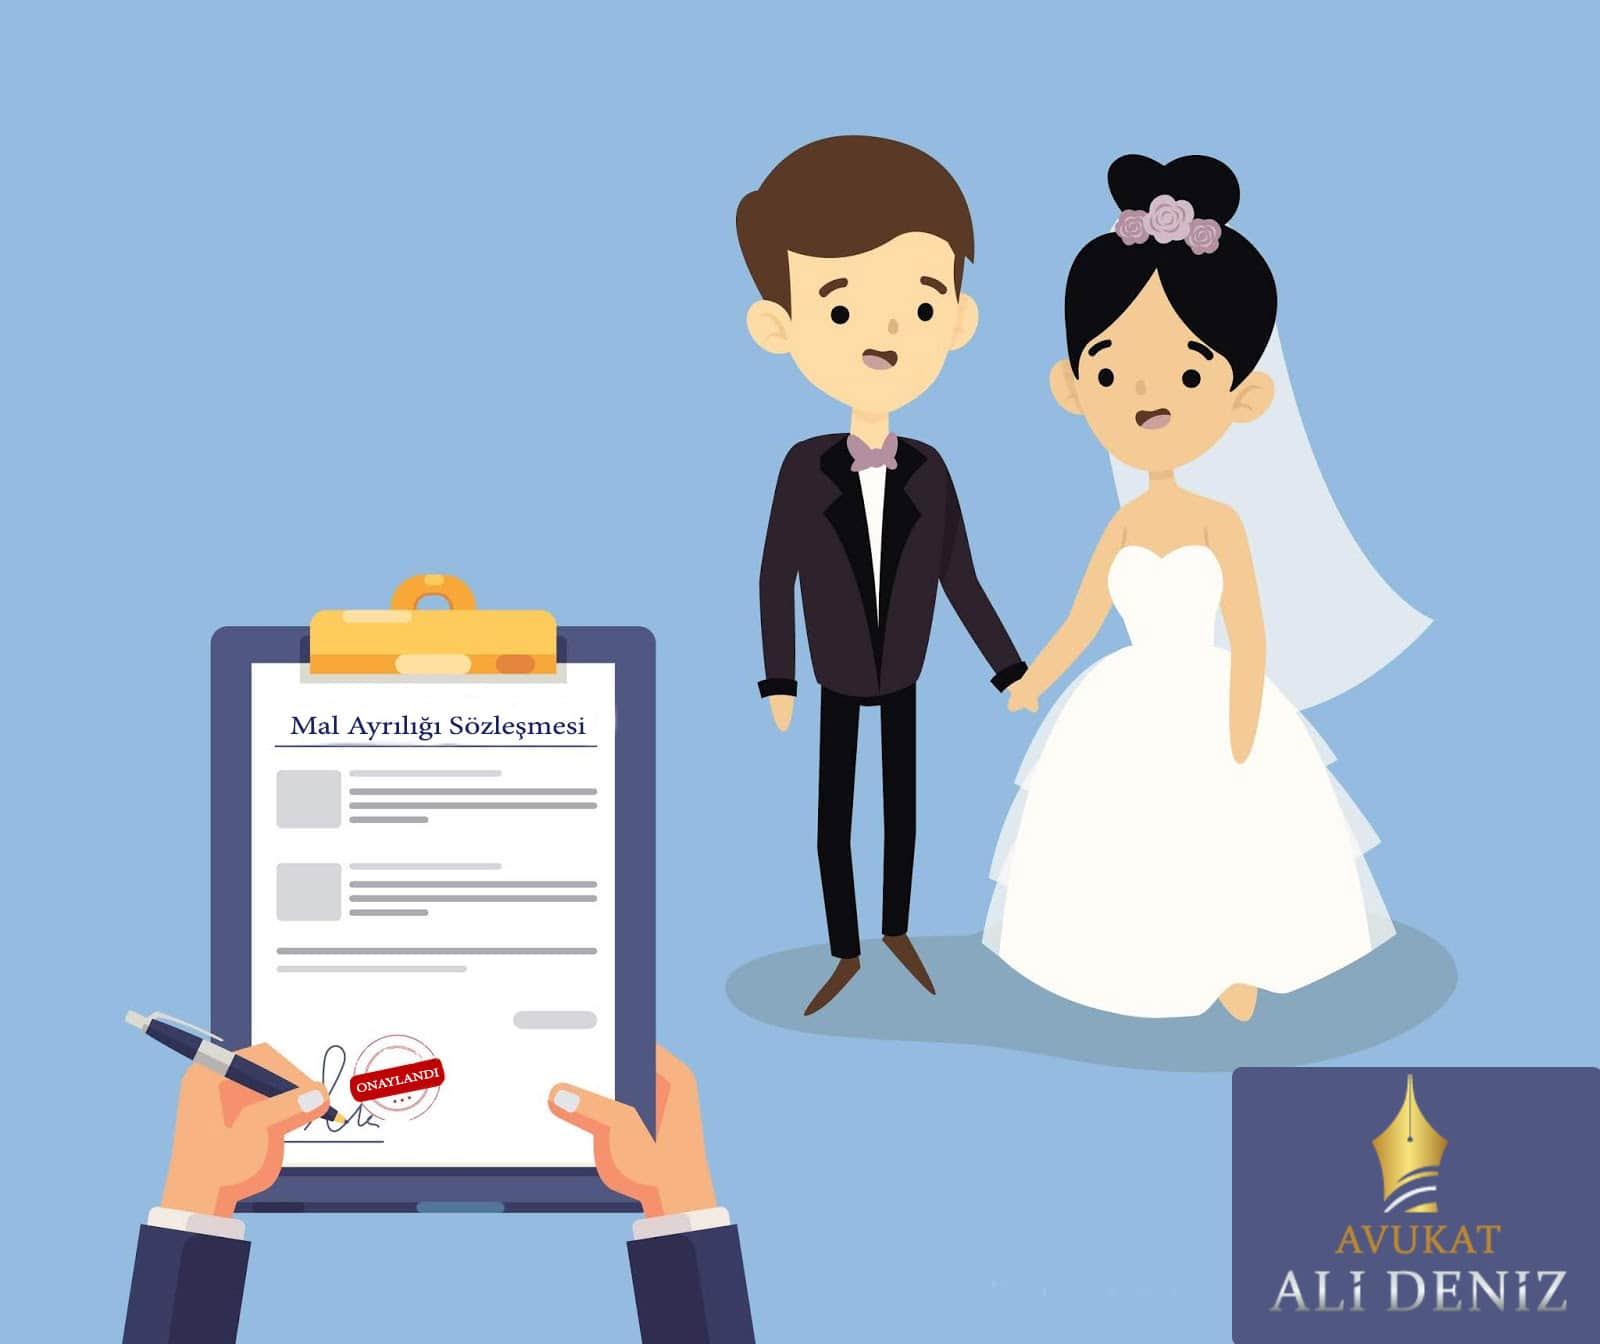 Mal Rejimi Sözleşmesi Evlilik Sözleşmesinden Farklıdır.